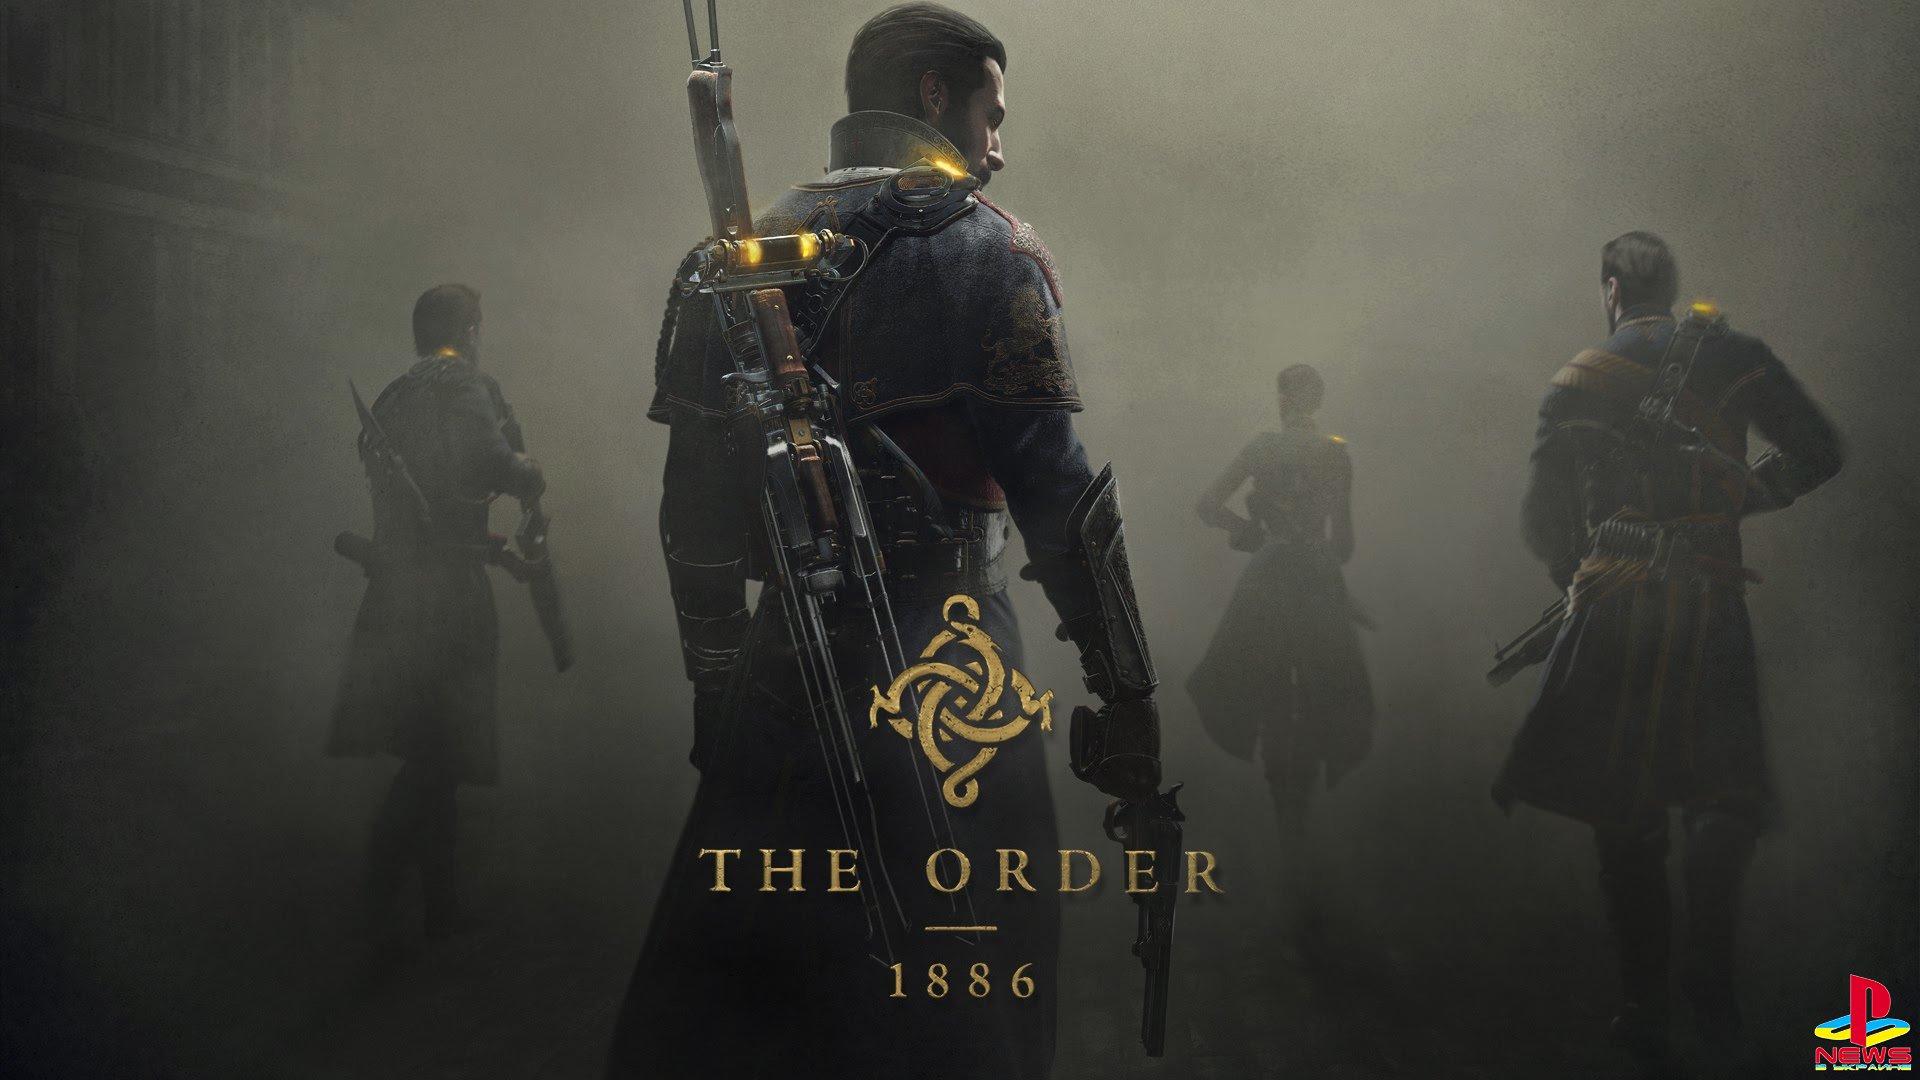 Студия-разработчик The Order: 1886 трудится над ААА-проектом для консолей